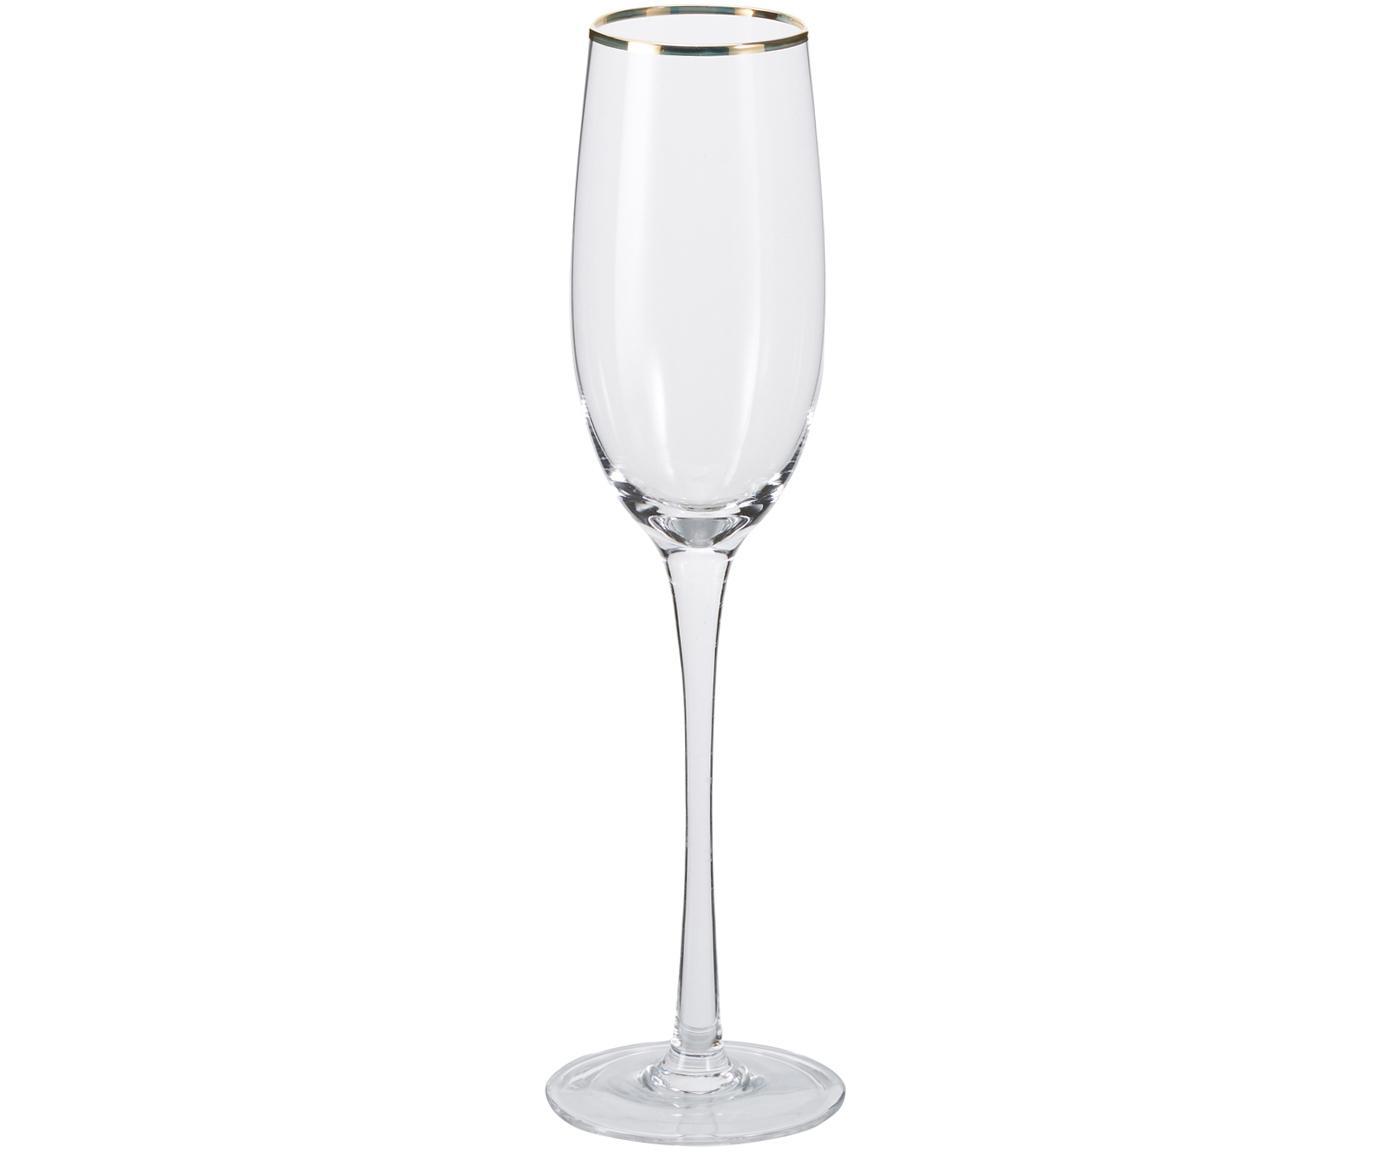 Champagneglazen Chloe in transparant met handgeschilderde goudkleurig rand, 4er-set, Glas, Transparant, Ø 7 x H 25 cm